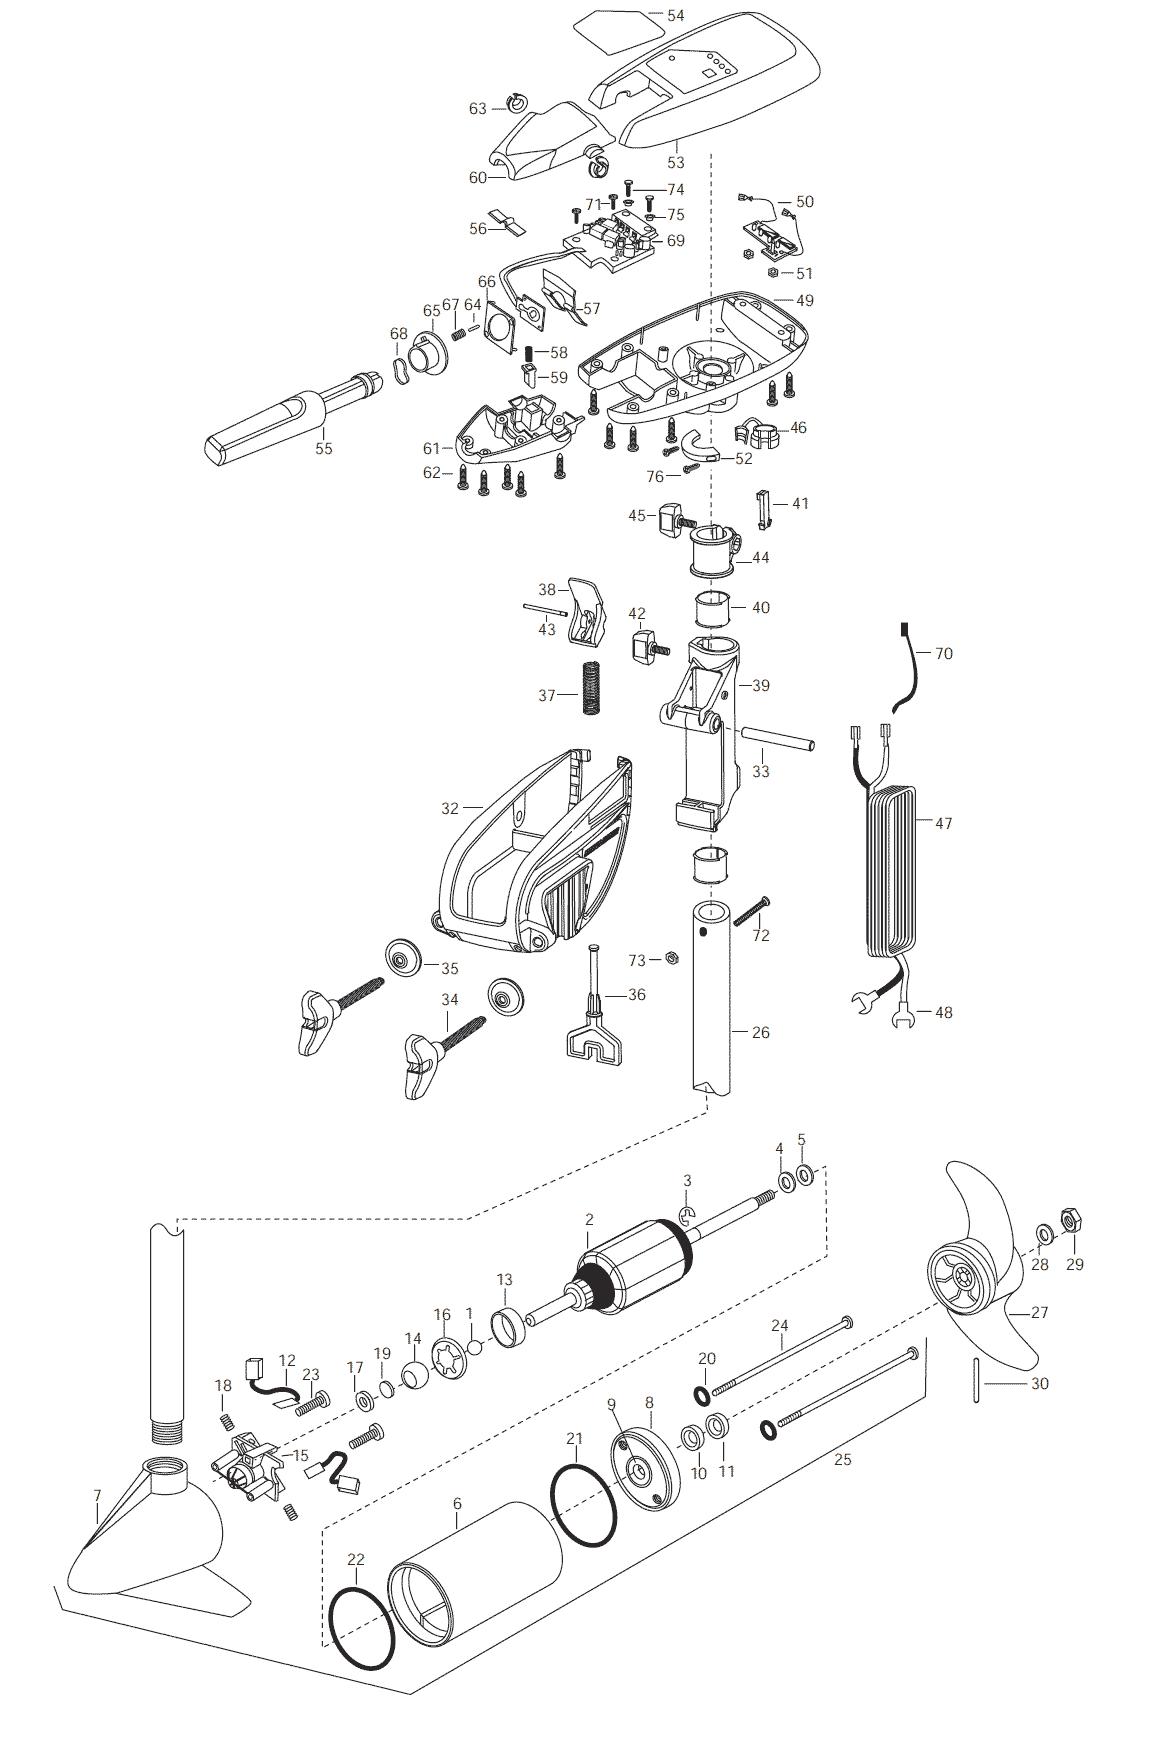 Minn Kota Maxxum 40t 36 Inch Parts